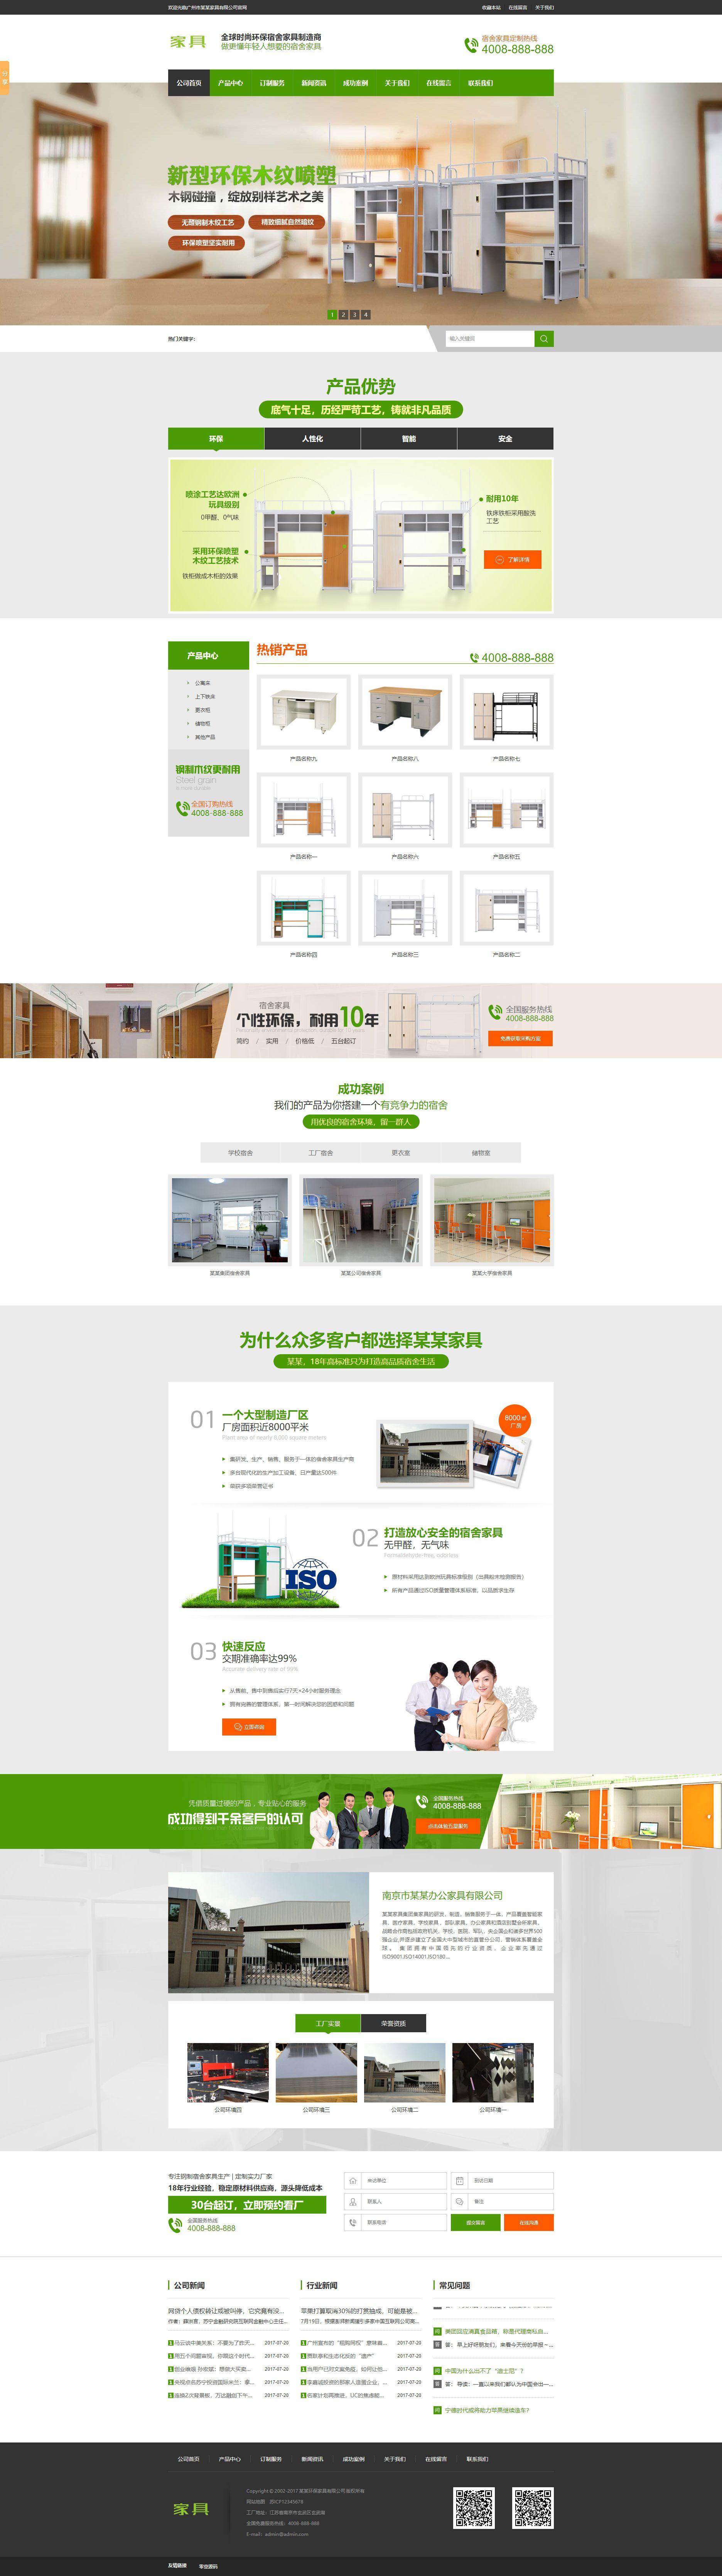 营销型家具书桌办公桌类网站织梦dedecms模板(带手机端)